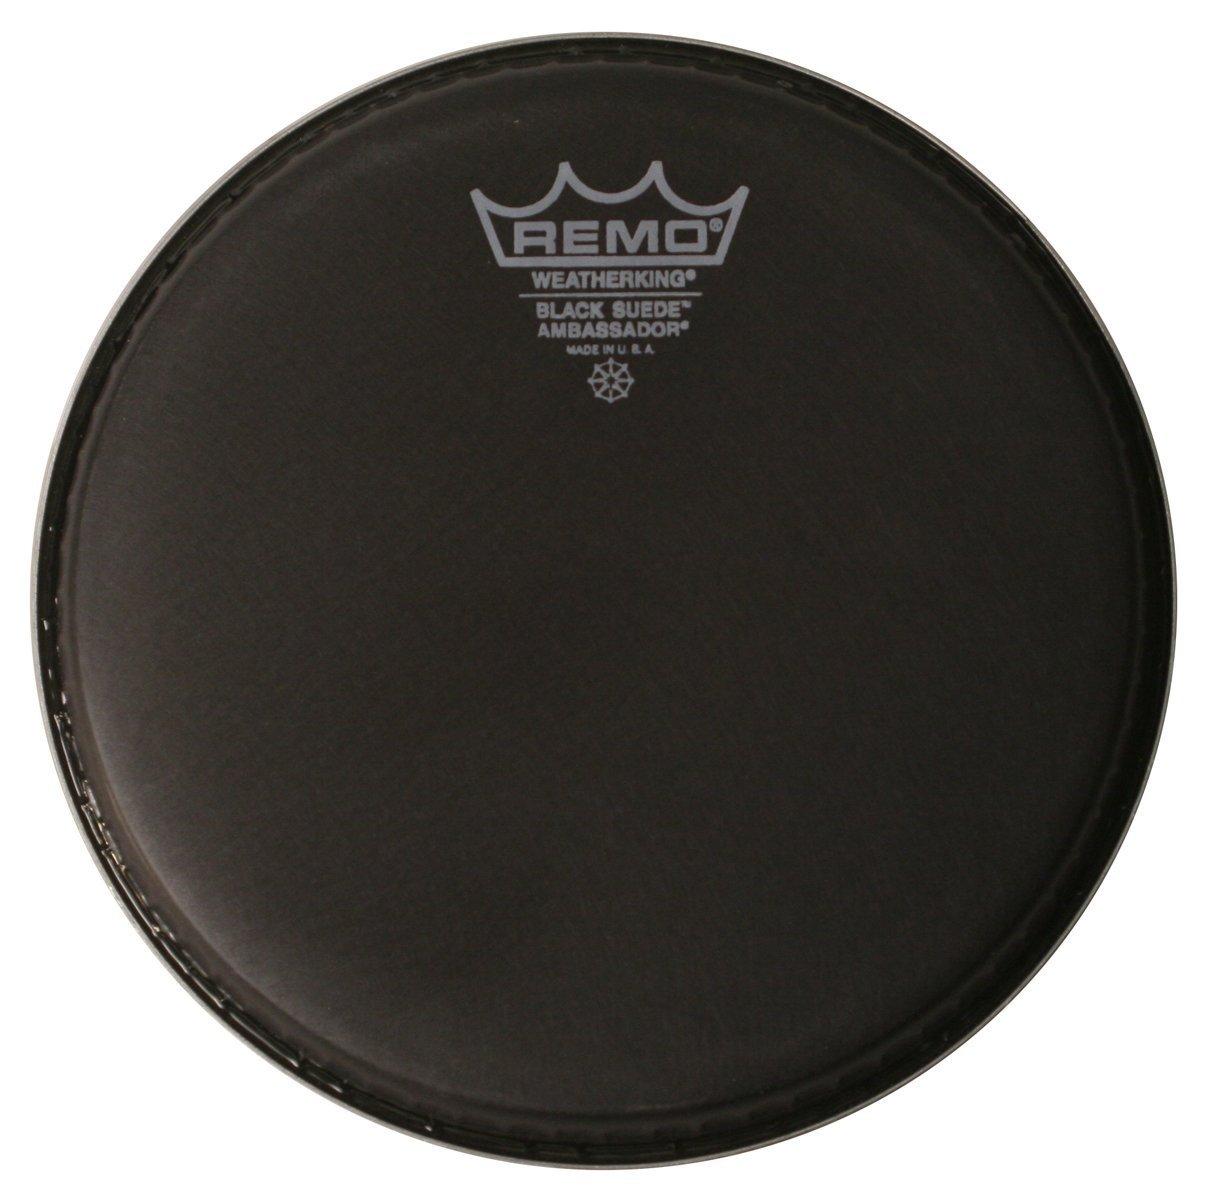 Remo BA0812-ES Black Suede Ambassador Drum Head - 12-Inch by Remo